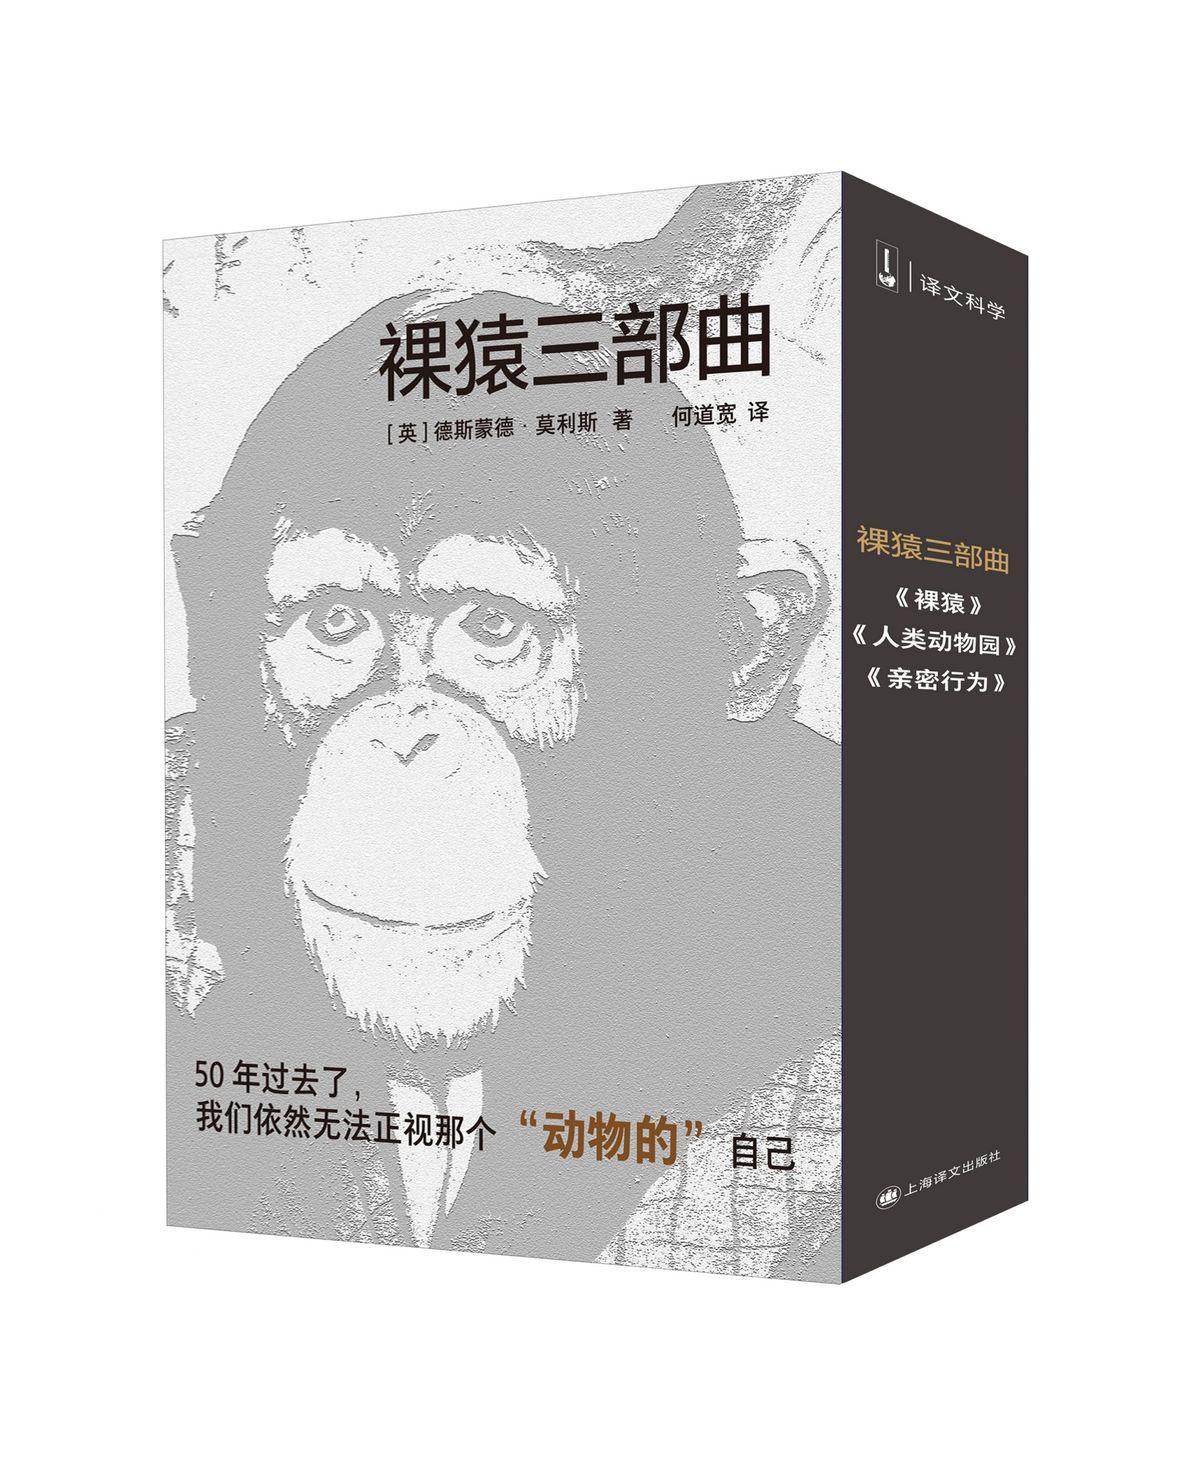 《裸猿》50周年纪念版由上海译文社出版,我们为什么需要读这本老书?